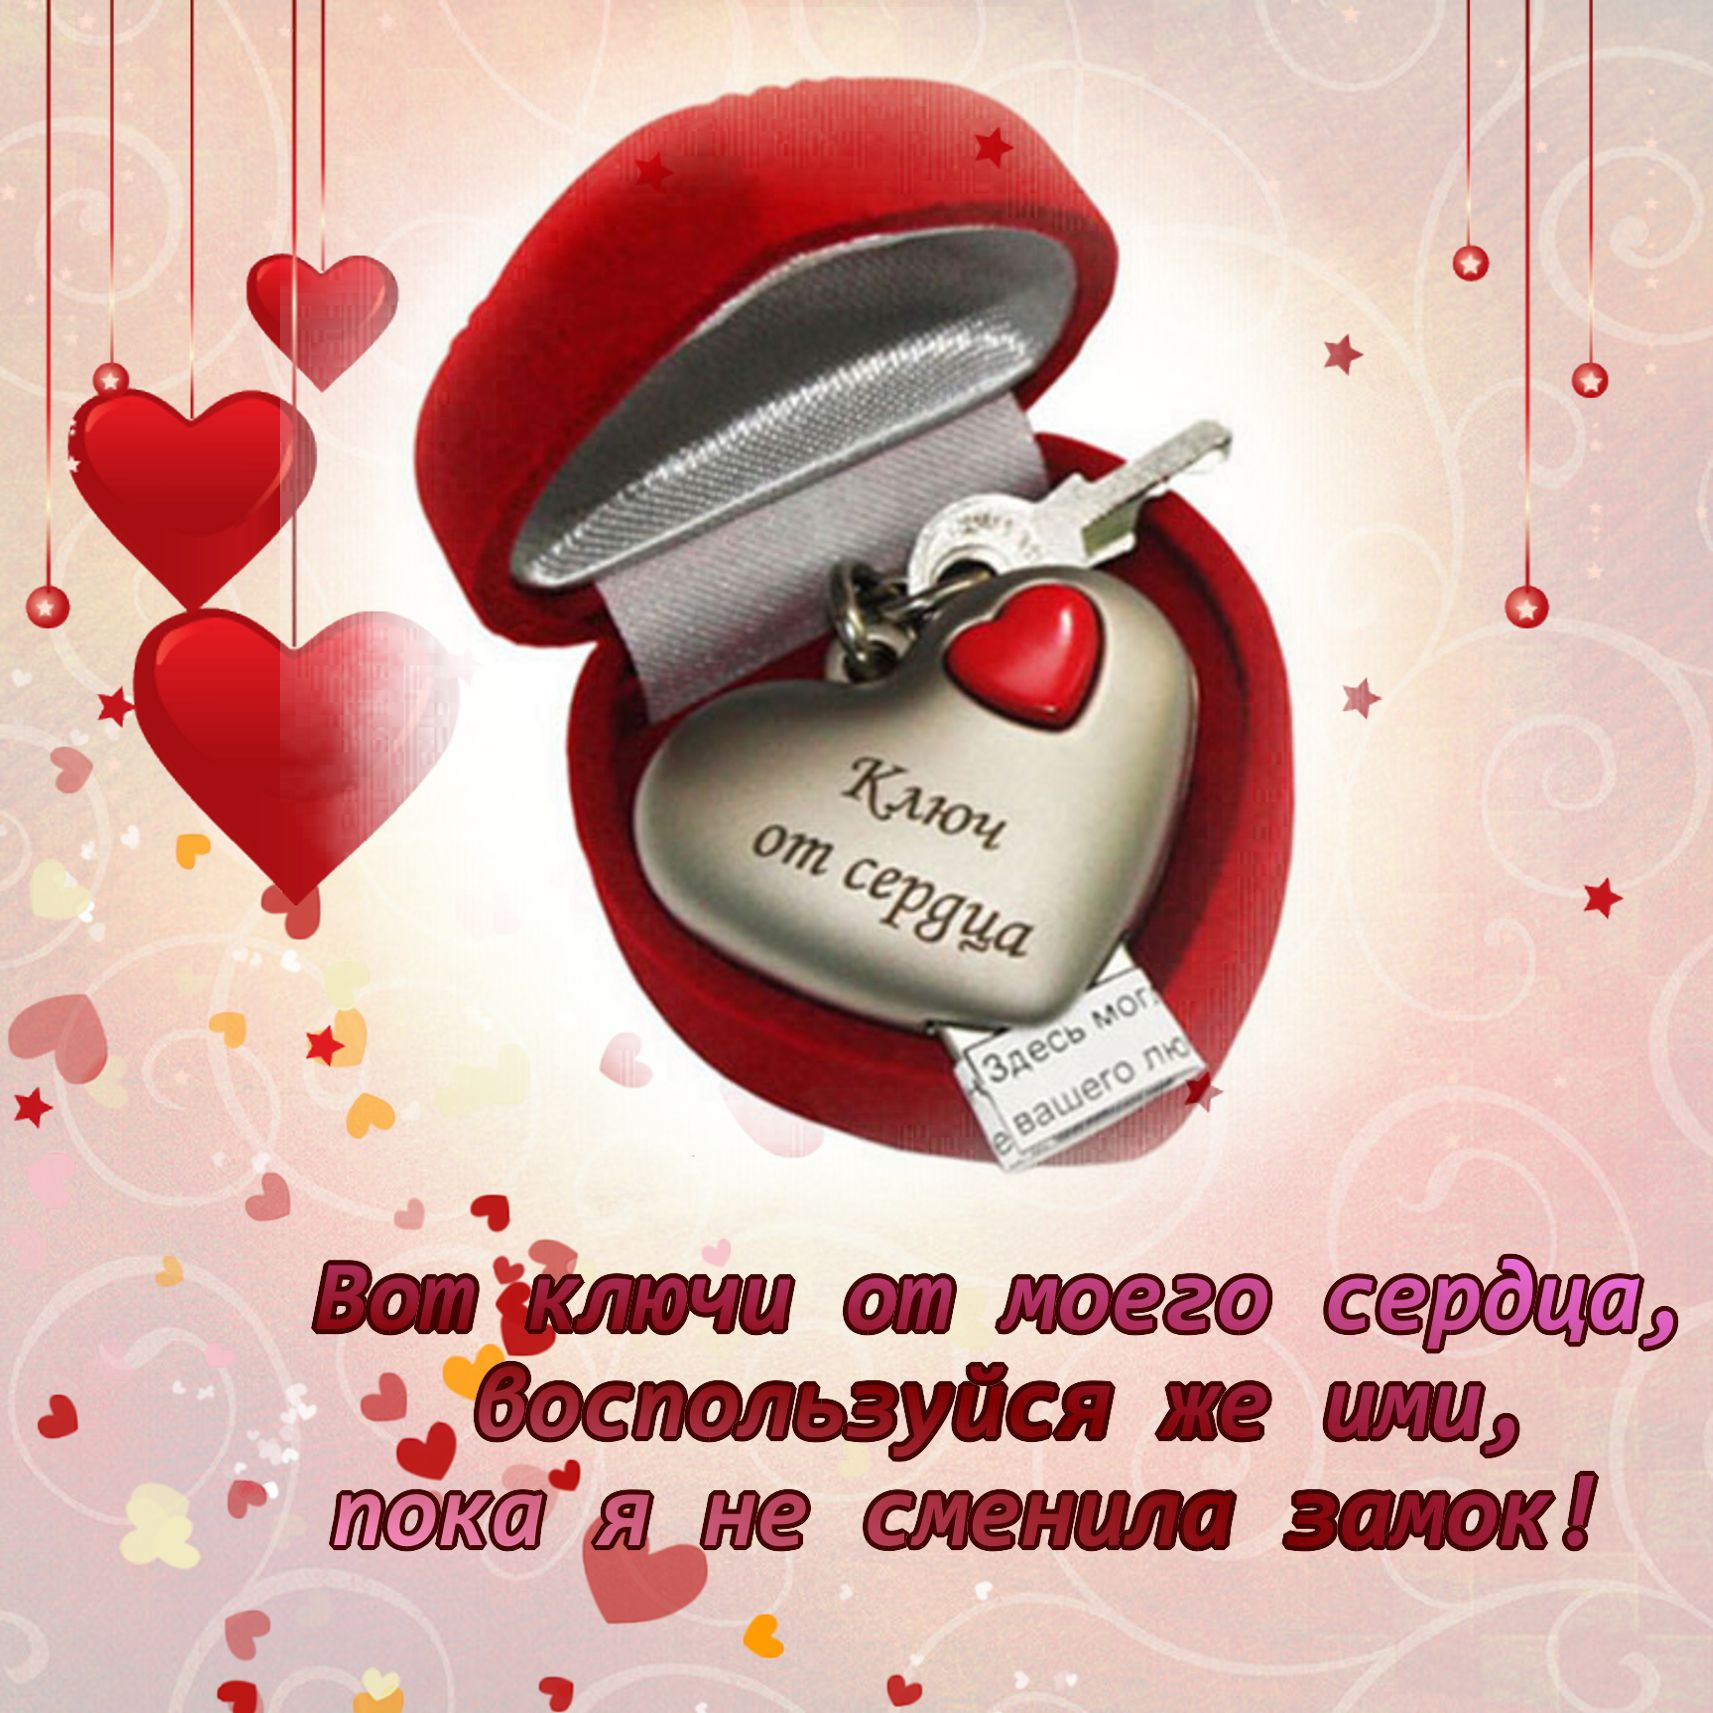 Открытки с днем святого валентина любимой девушке